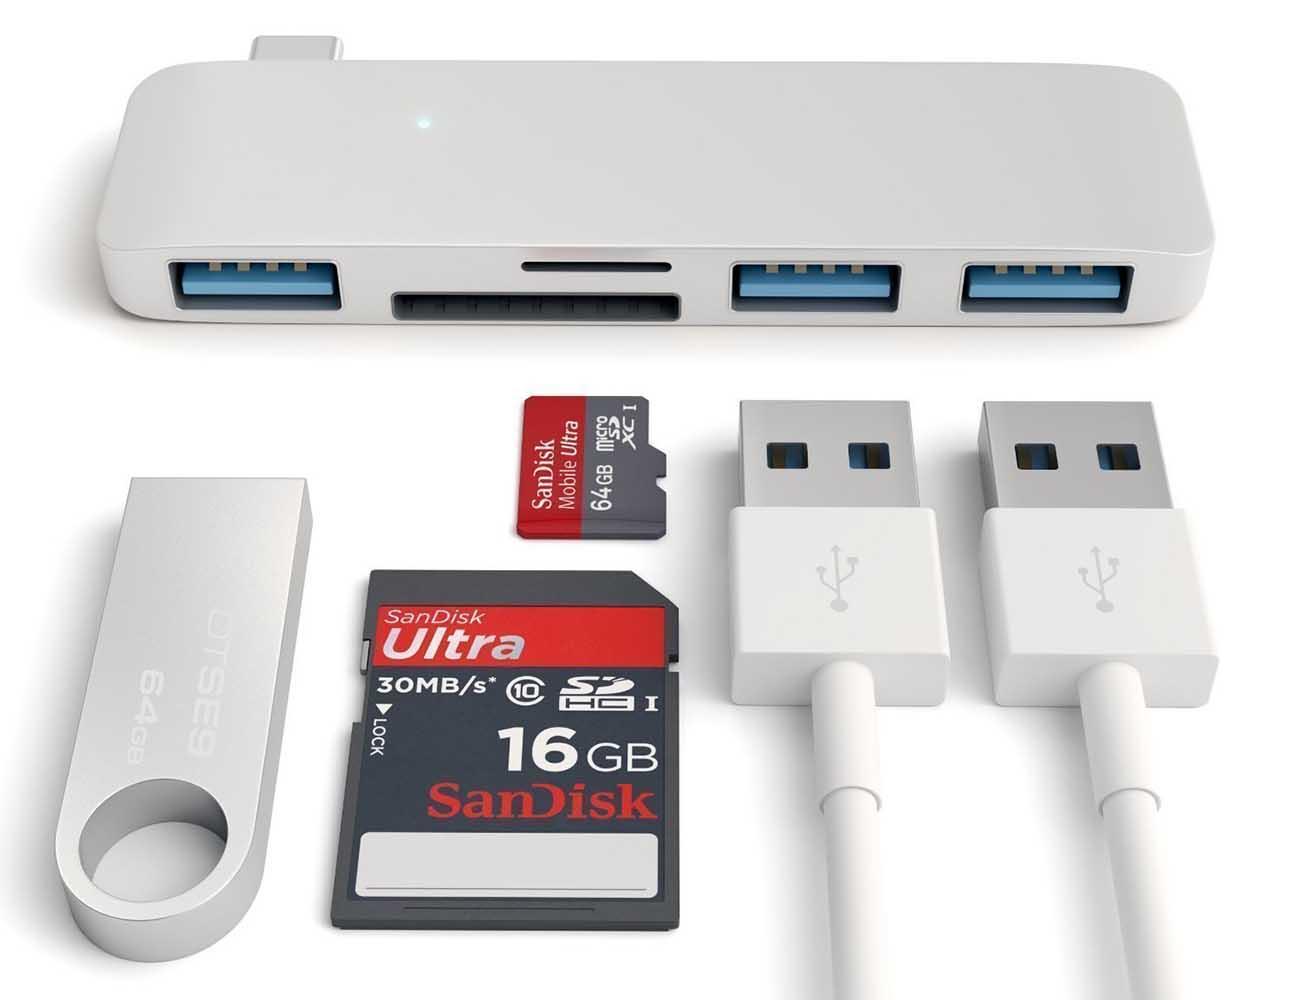 Satechi+Type-C+USB+3-in-1+Combo+Hub